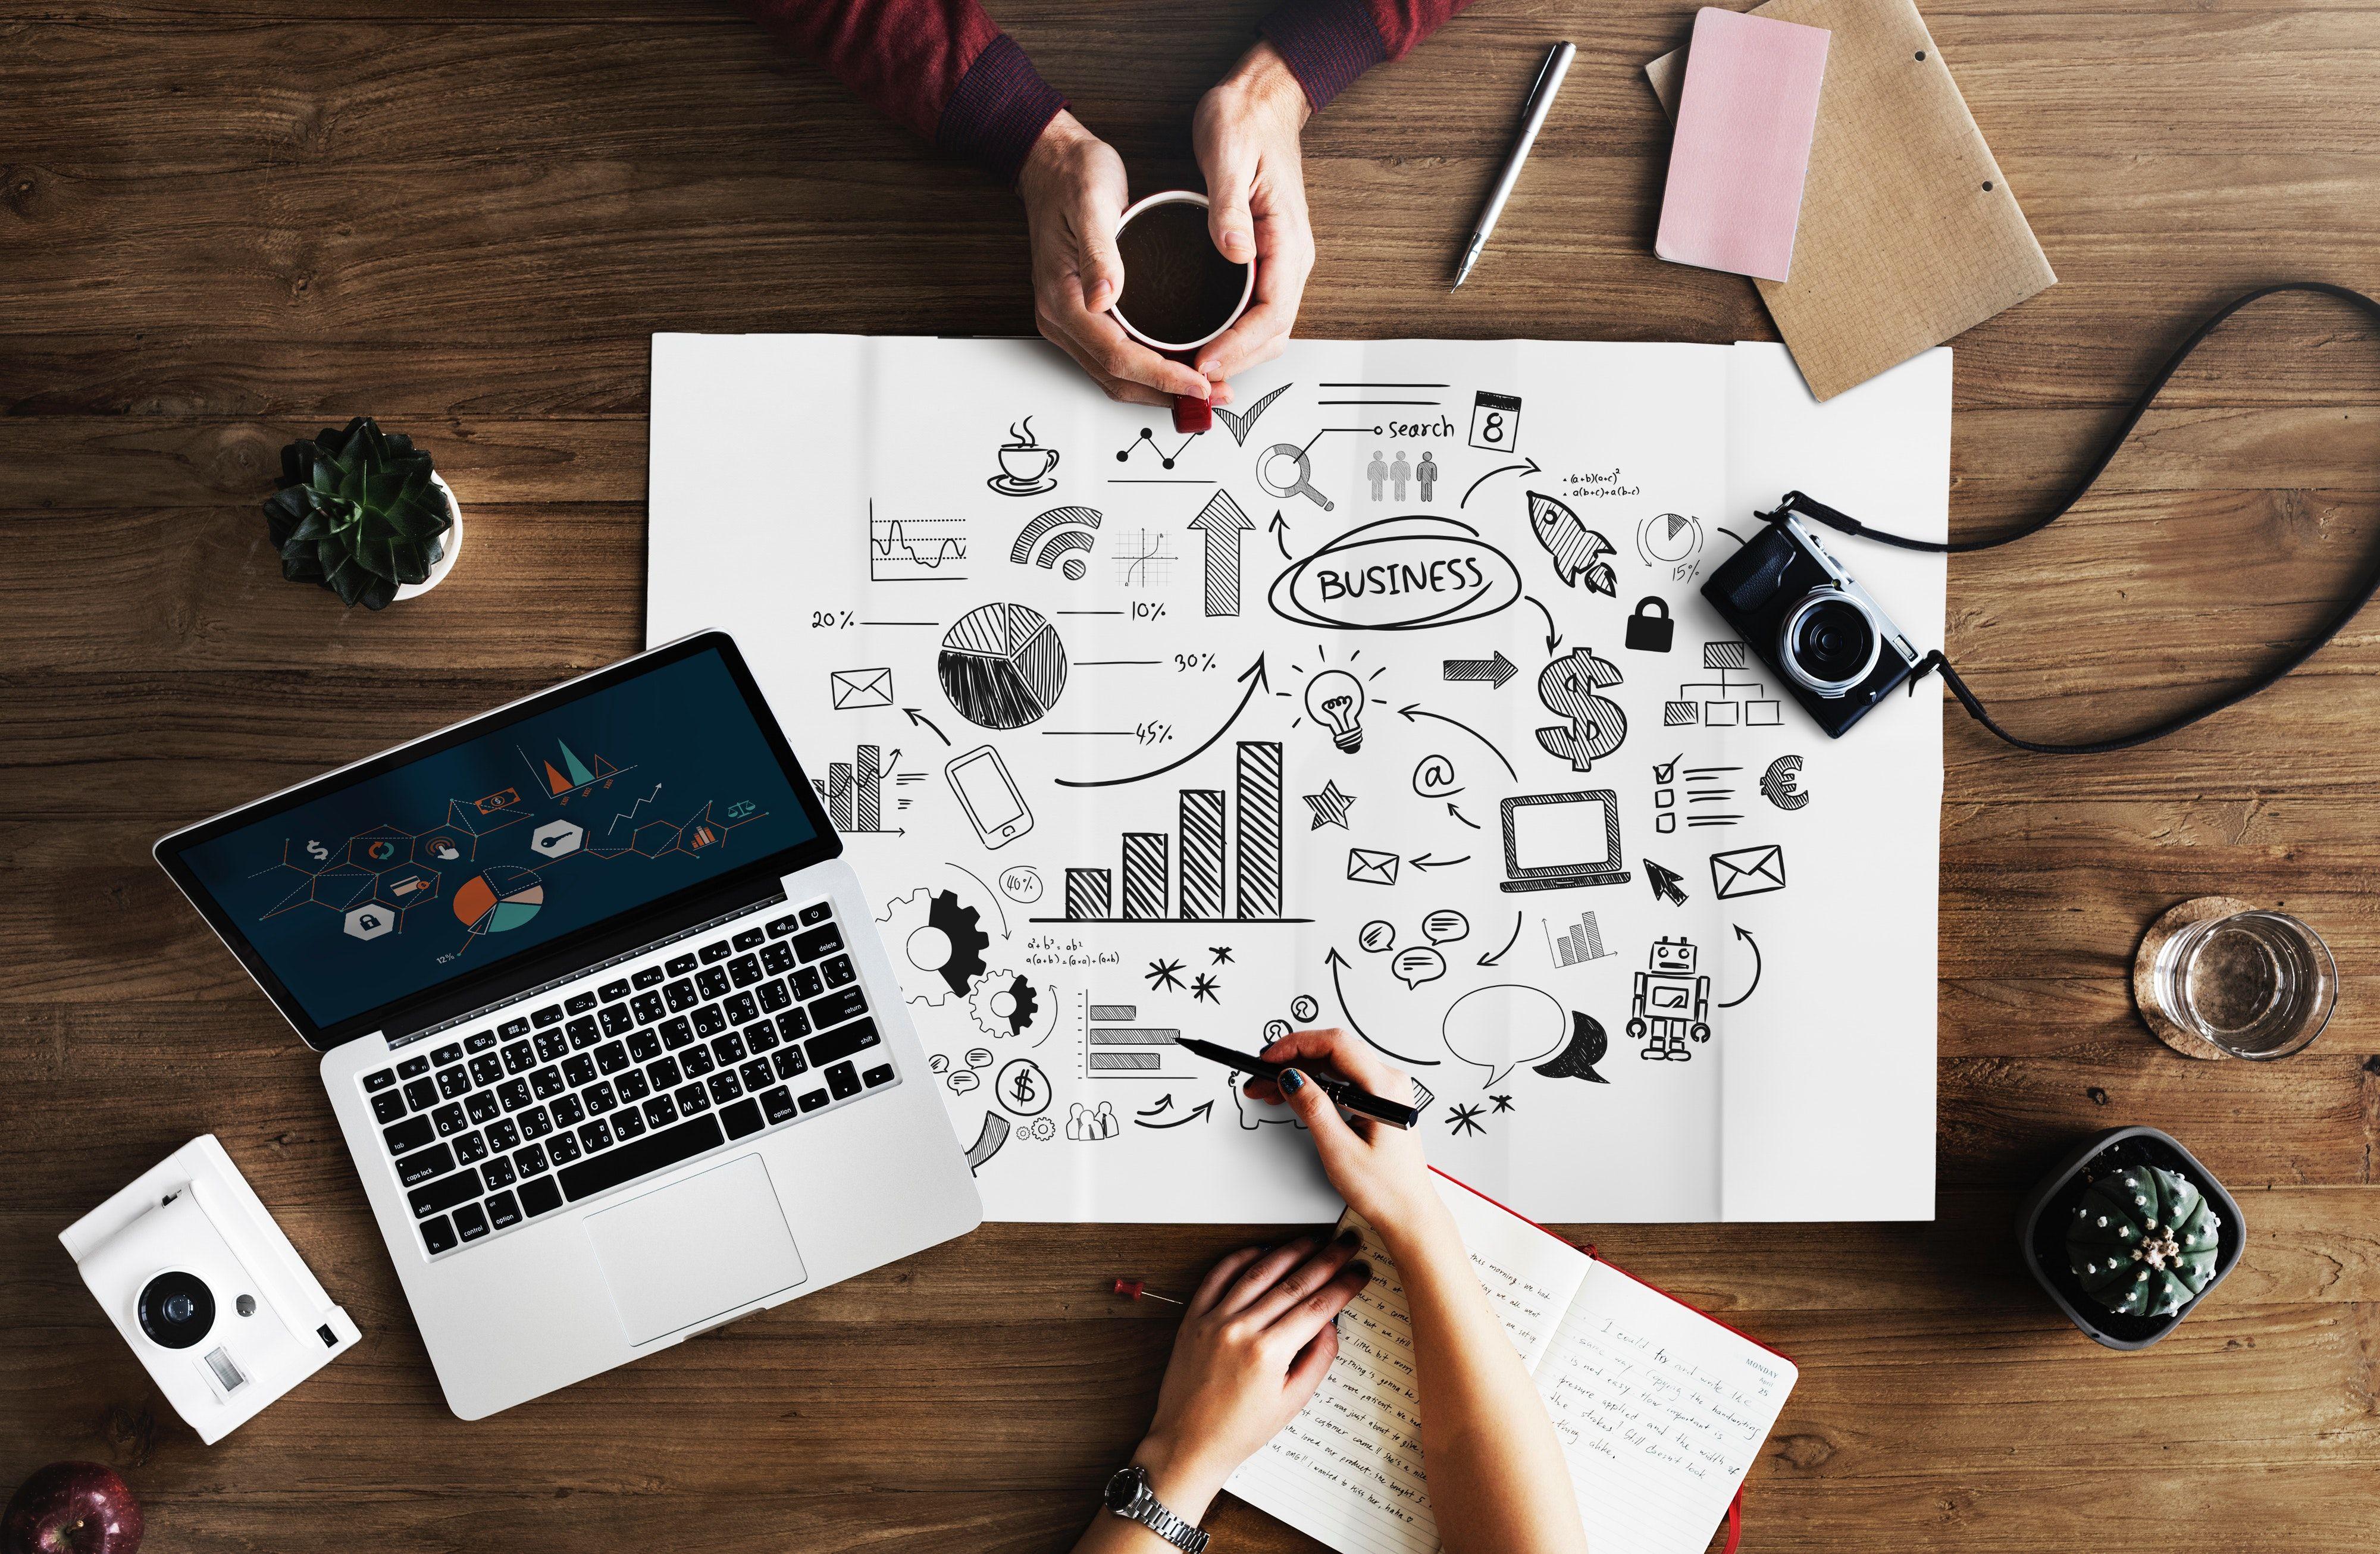 La svolta digitale delle imprese: le nuove frontiere della responsabilità civile